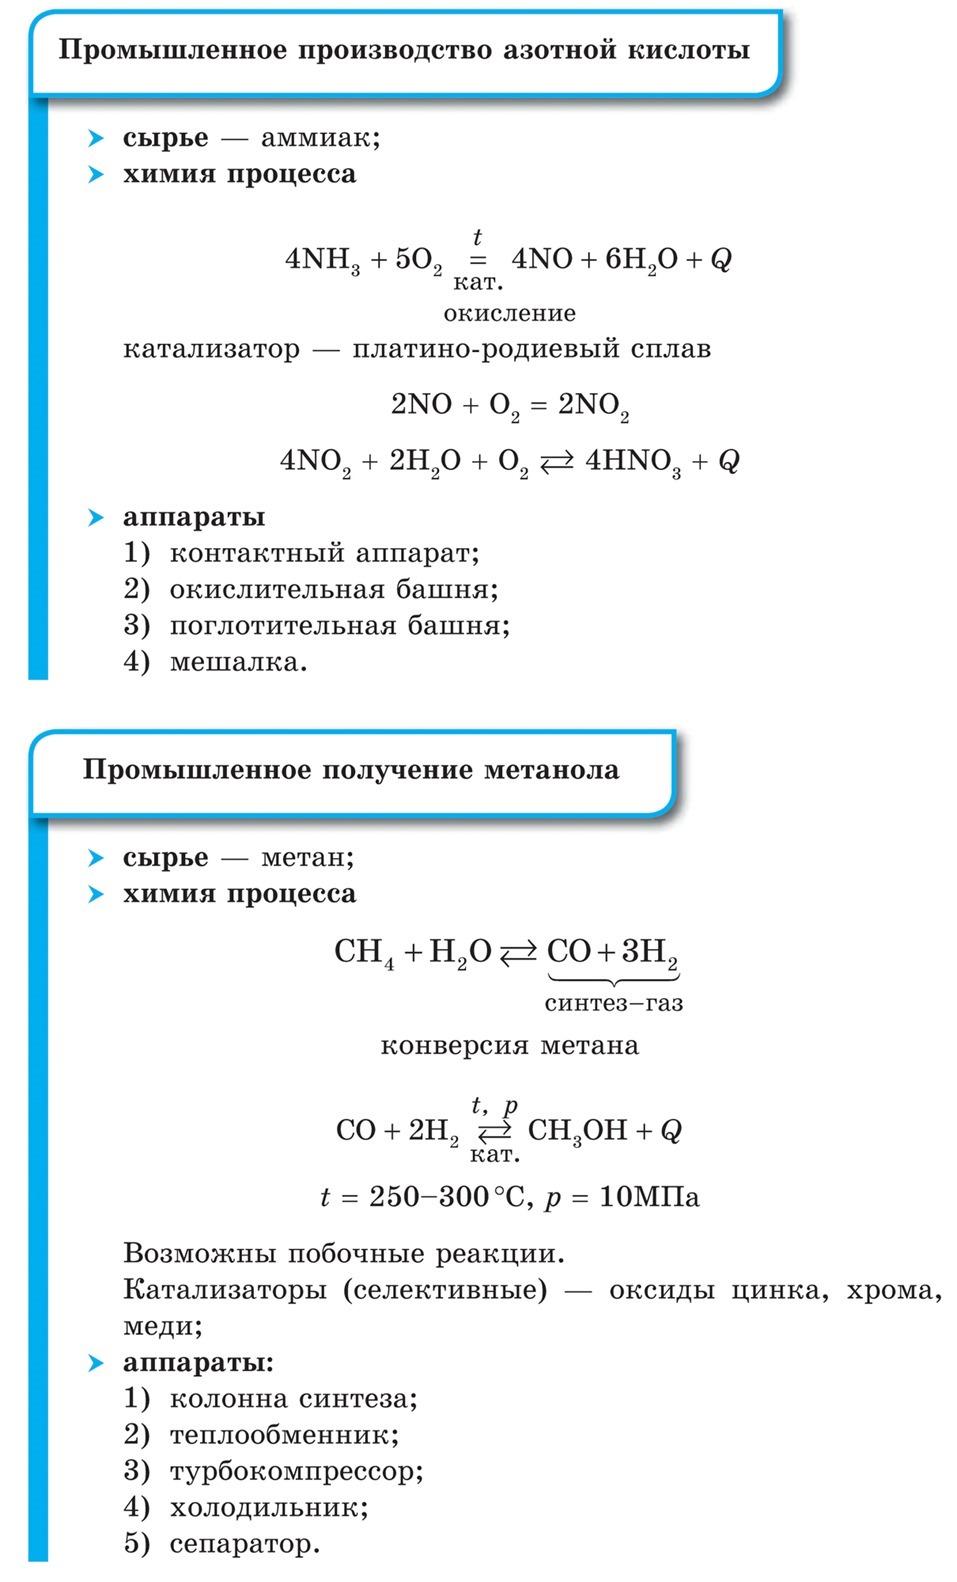 Производство азотной кислоты, получение метанола